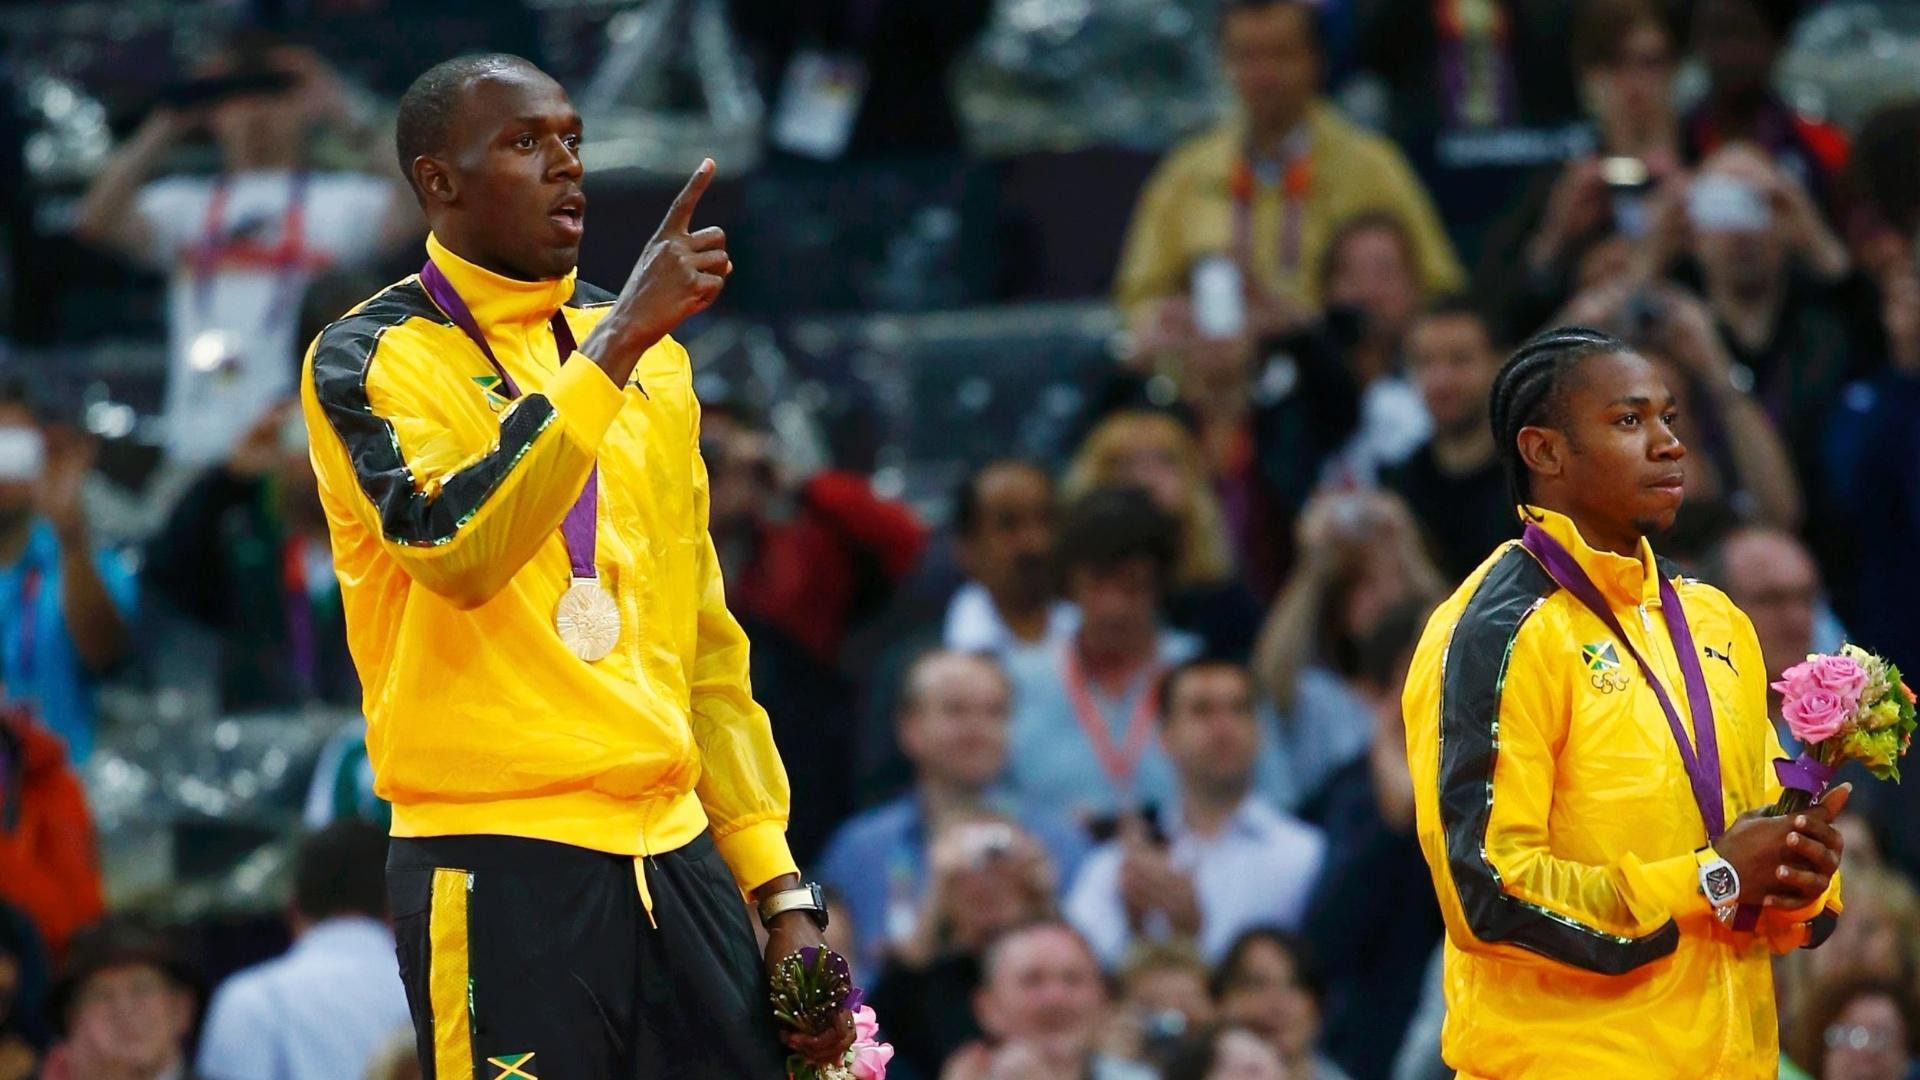 Ao lado de Yohan Blake, Usain Bolt faz sinal de número 1 em cerimônia de premiação dos 100 m rasos nos Jogos de Londres-2012